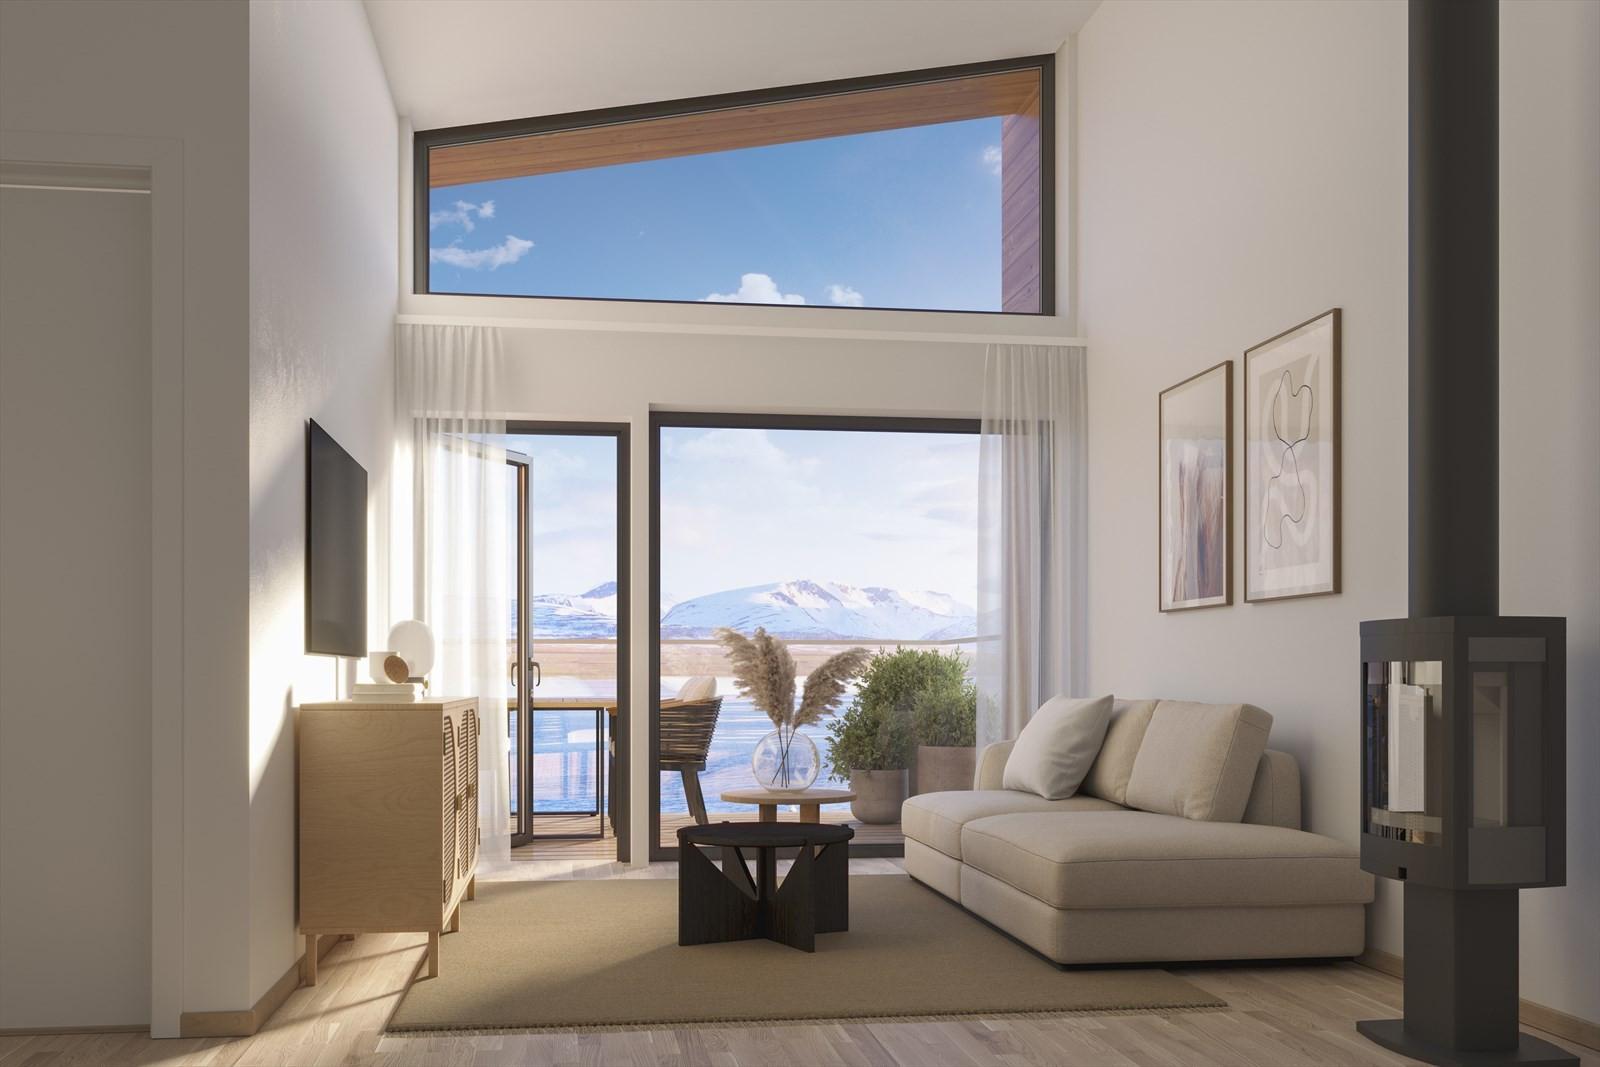 Vedfyring og utsikt er en uslåelig kombo. Dette er fra stue 4-roms leilighet (alternativ med soverom).